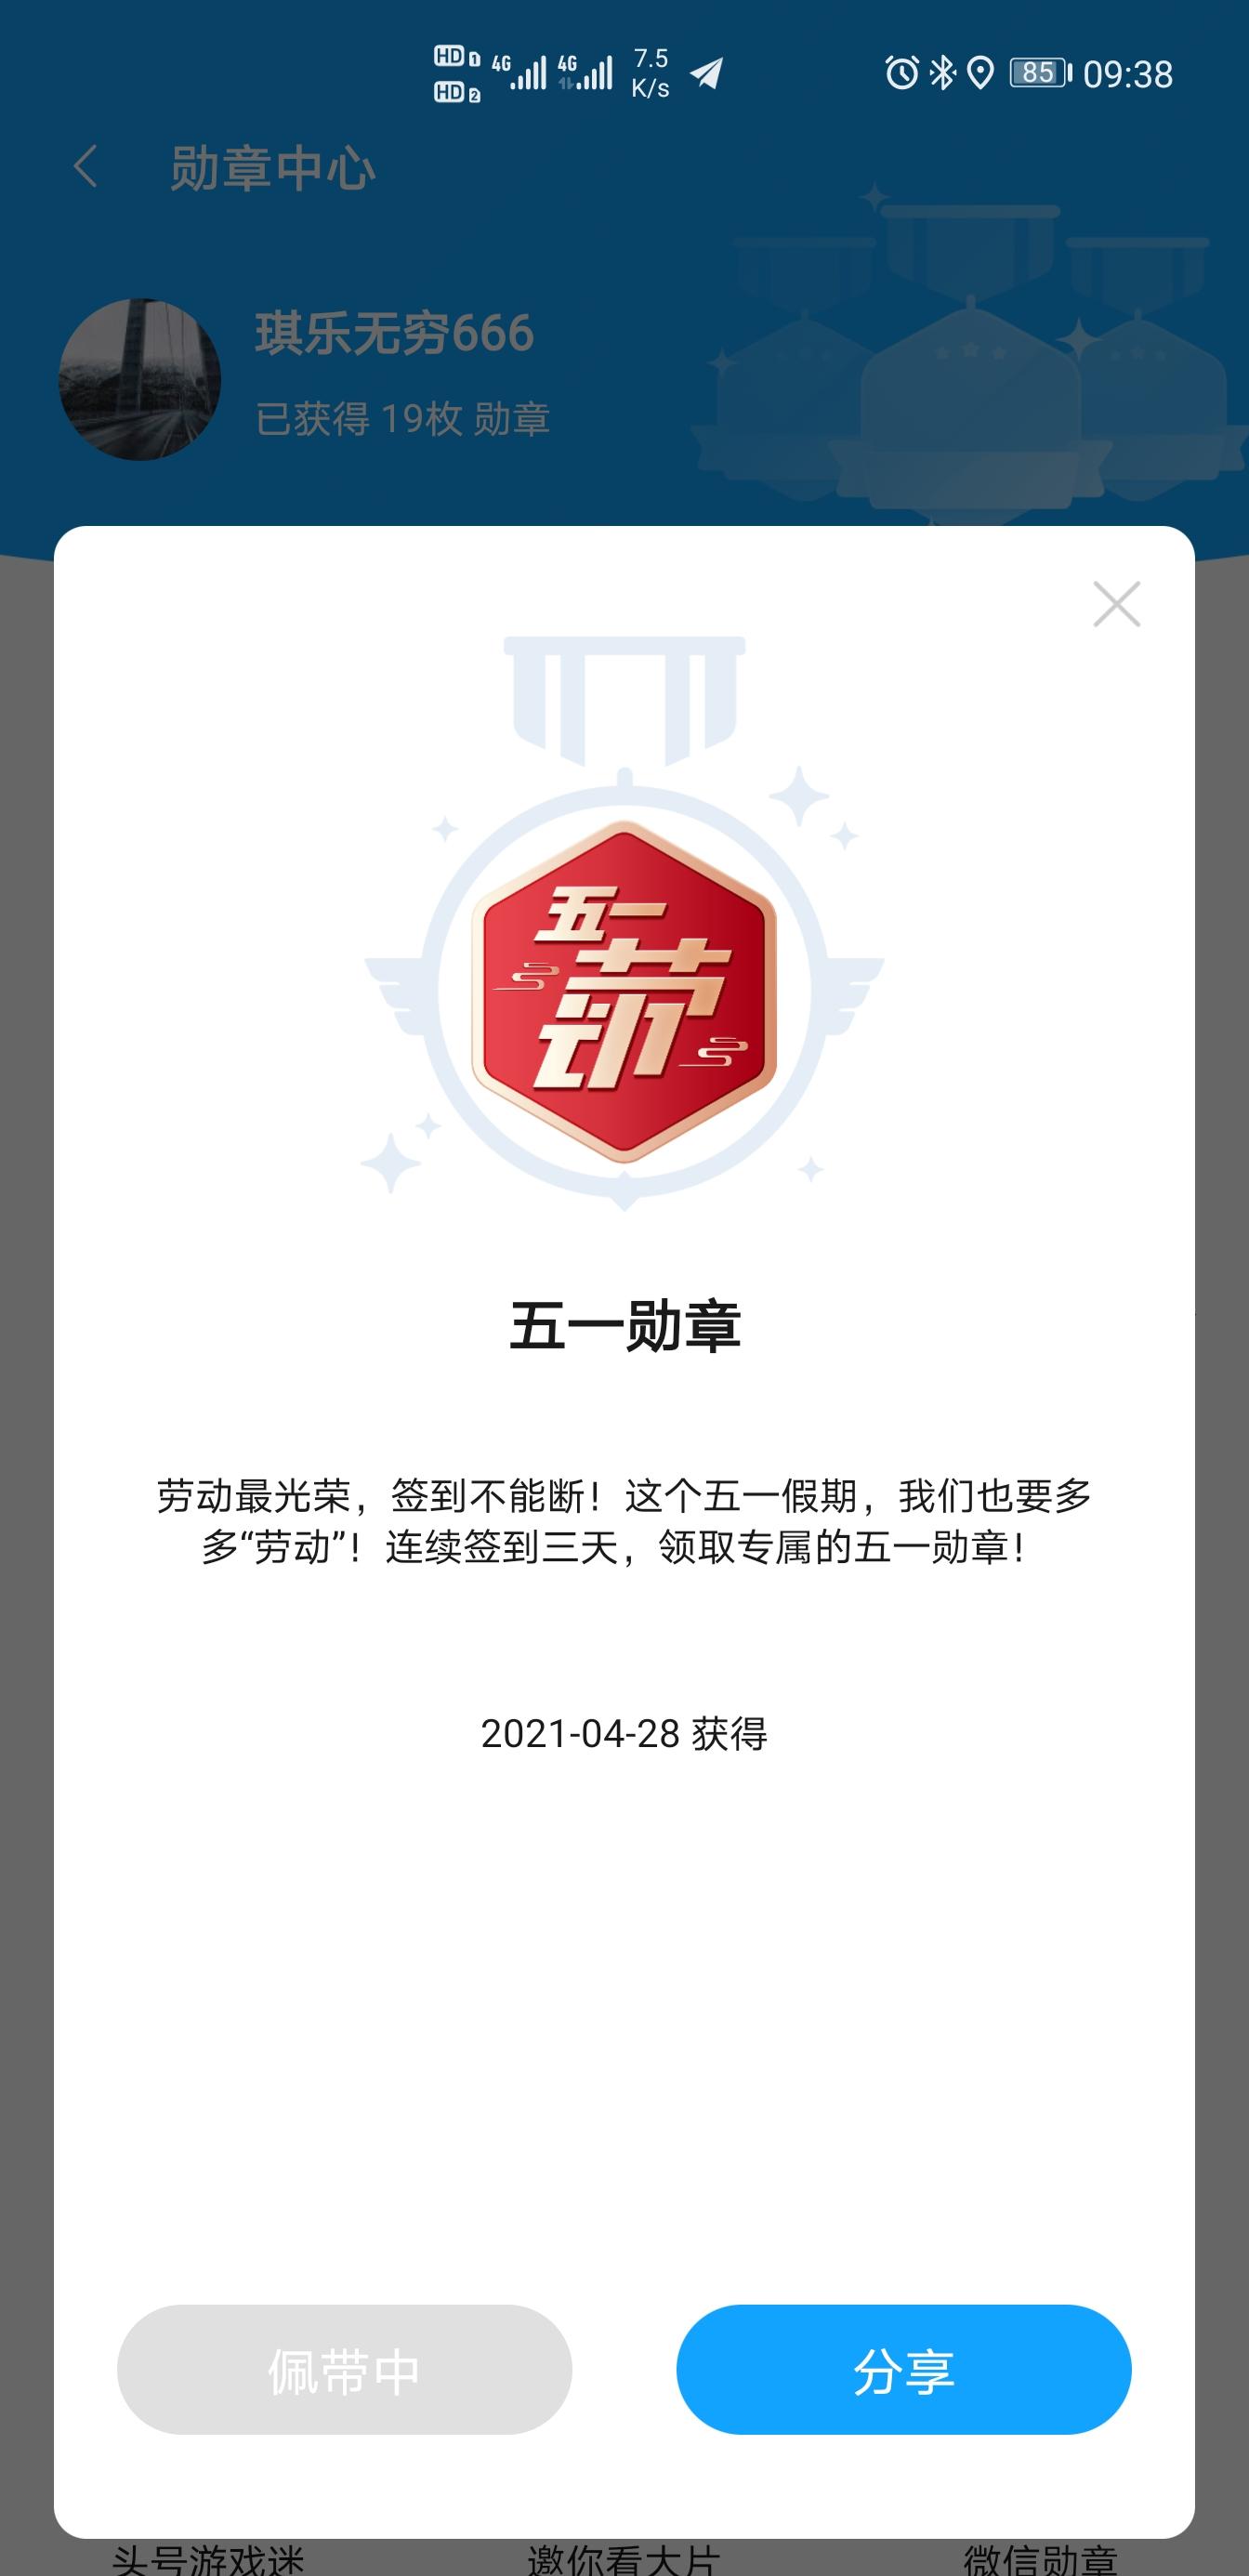 Screenshot_20210428_093846_com.huawei.fans.jpg